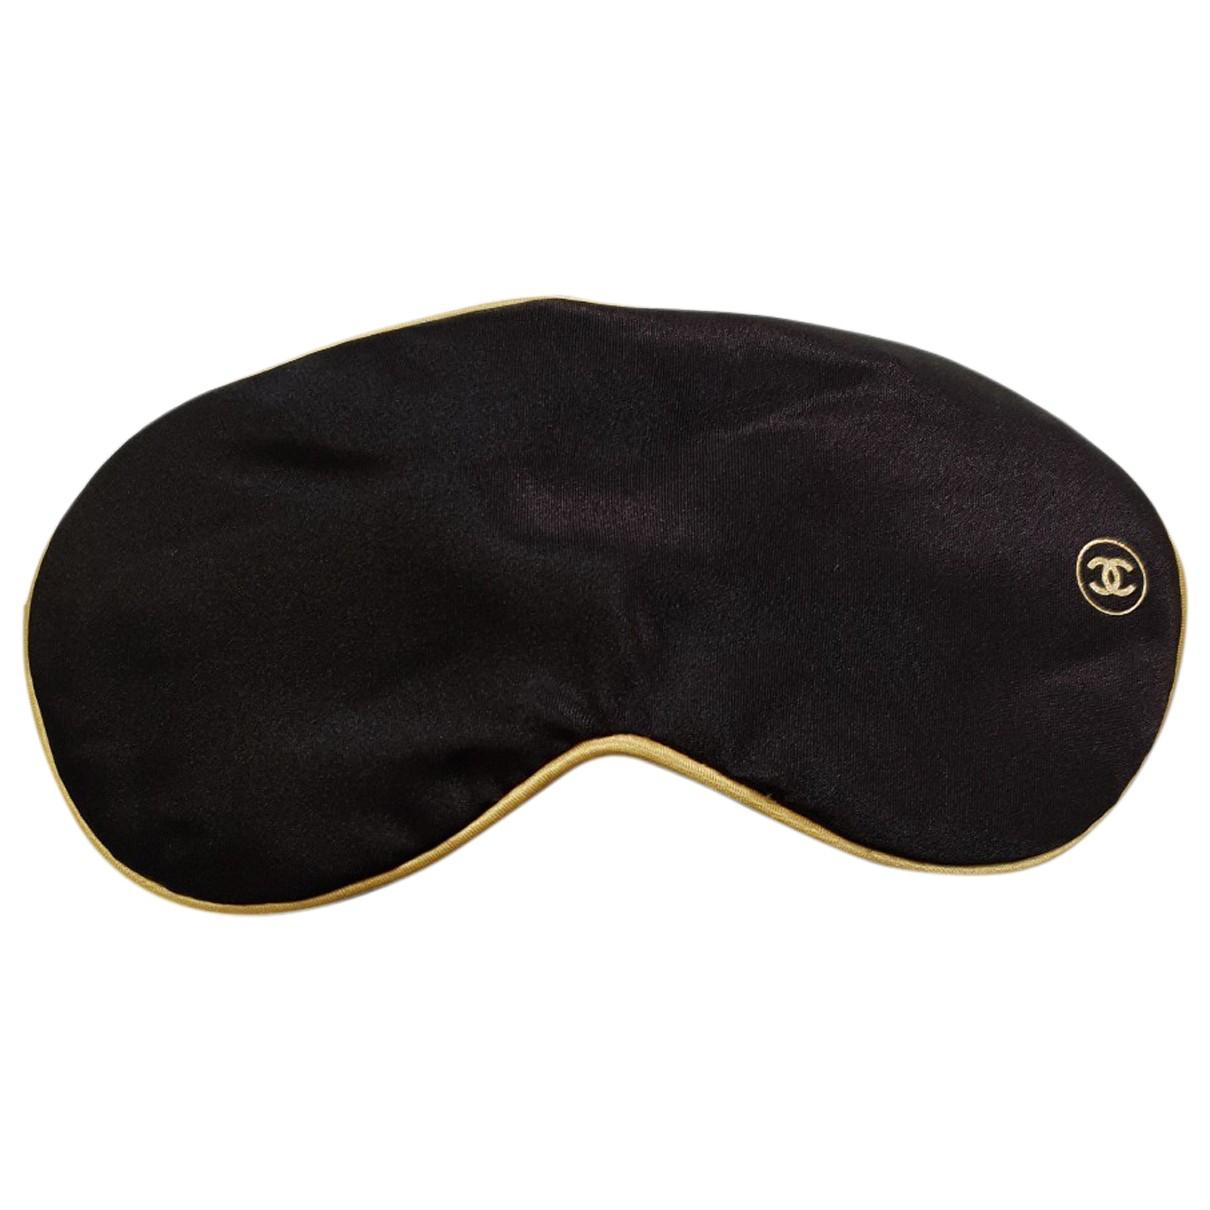 Mascara para dormir de Seda Chanel